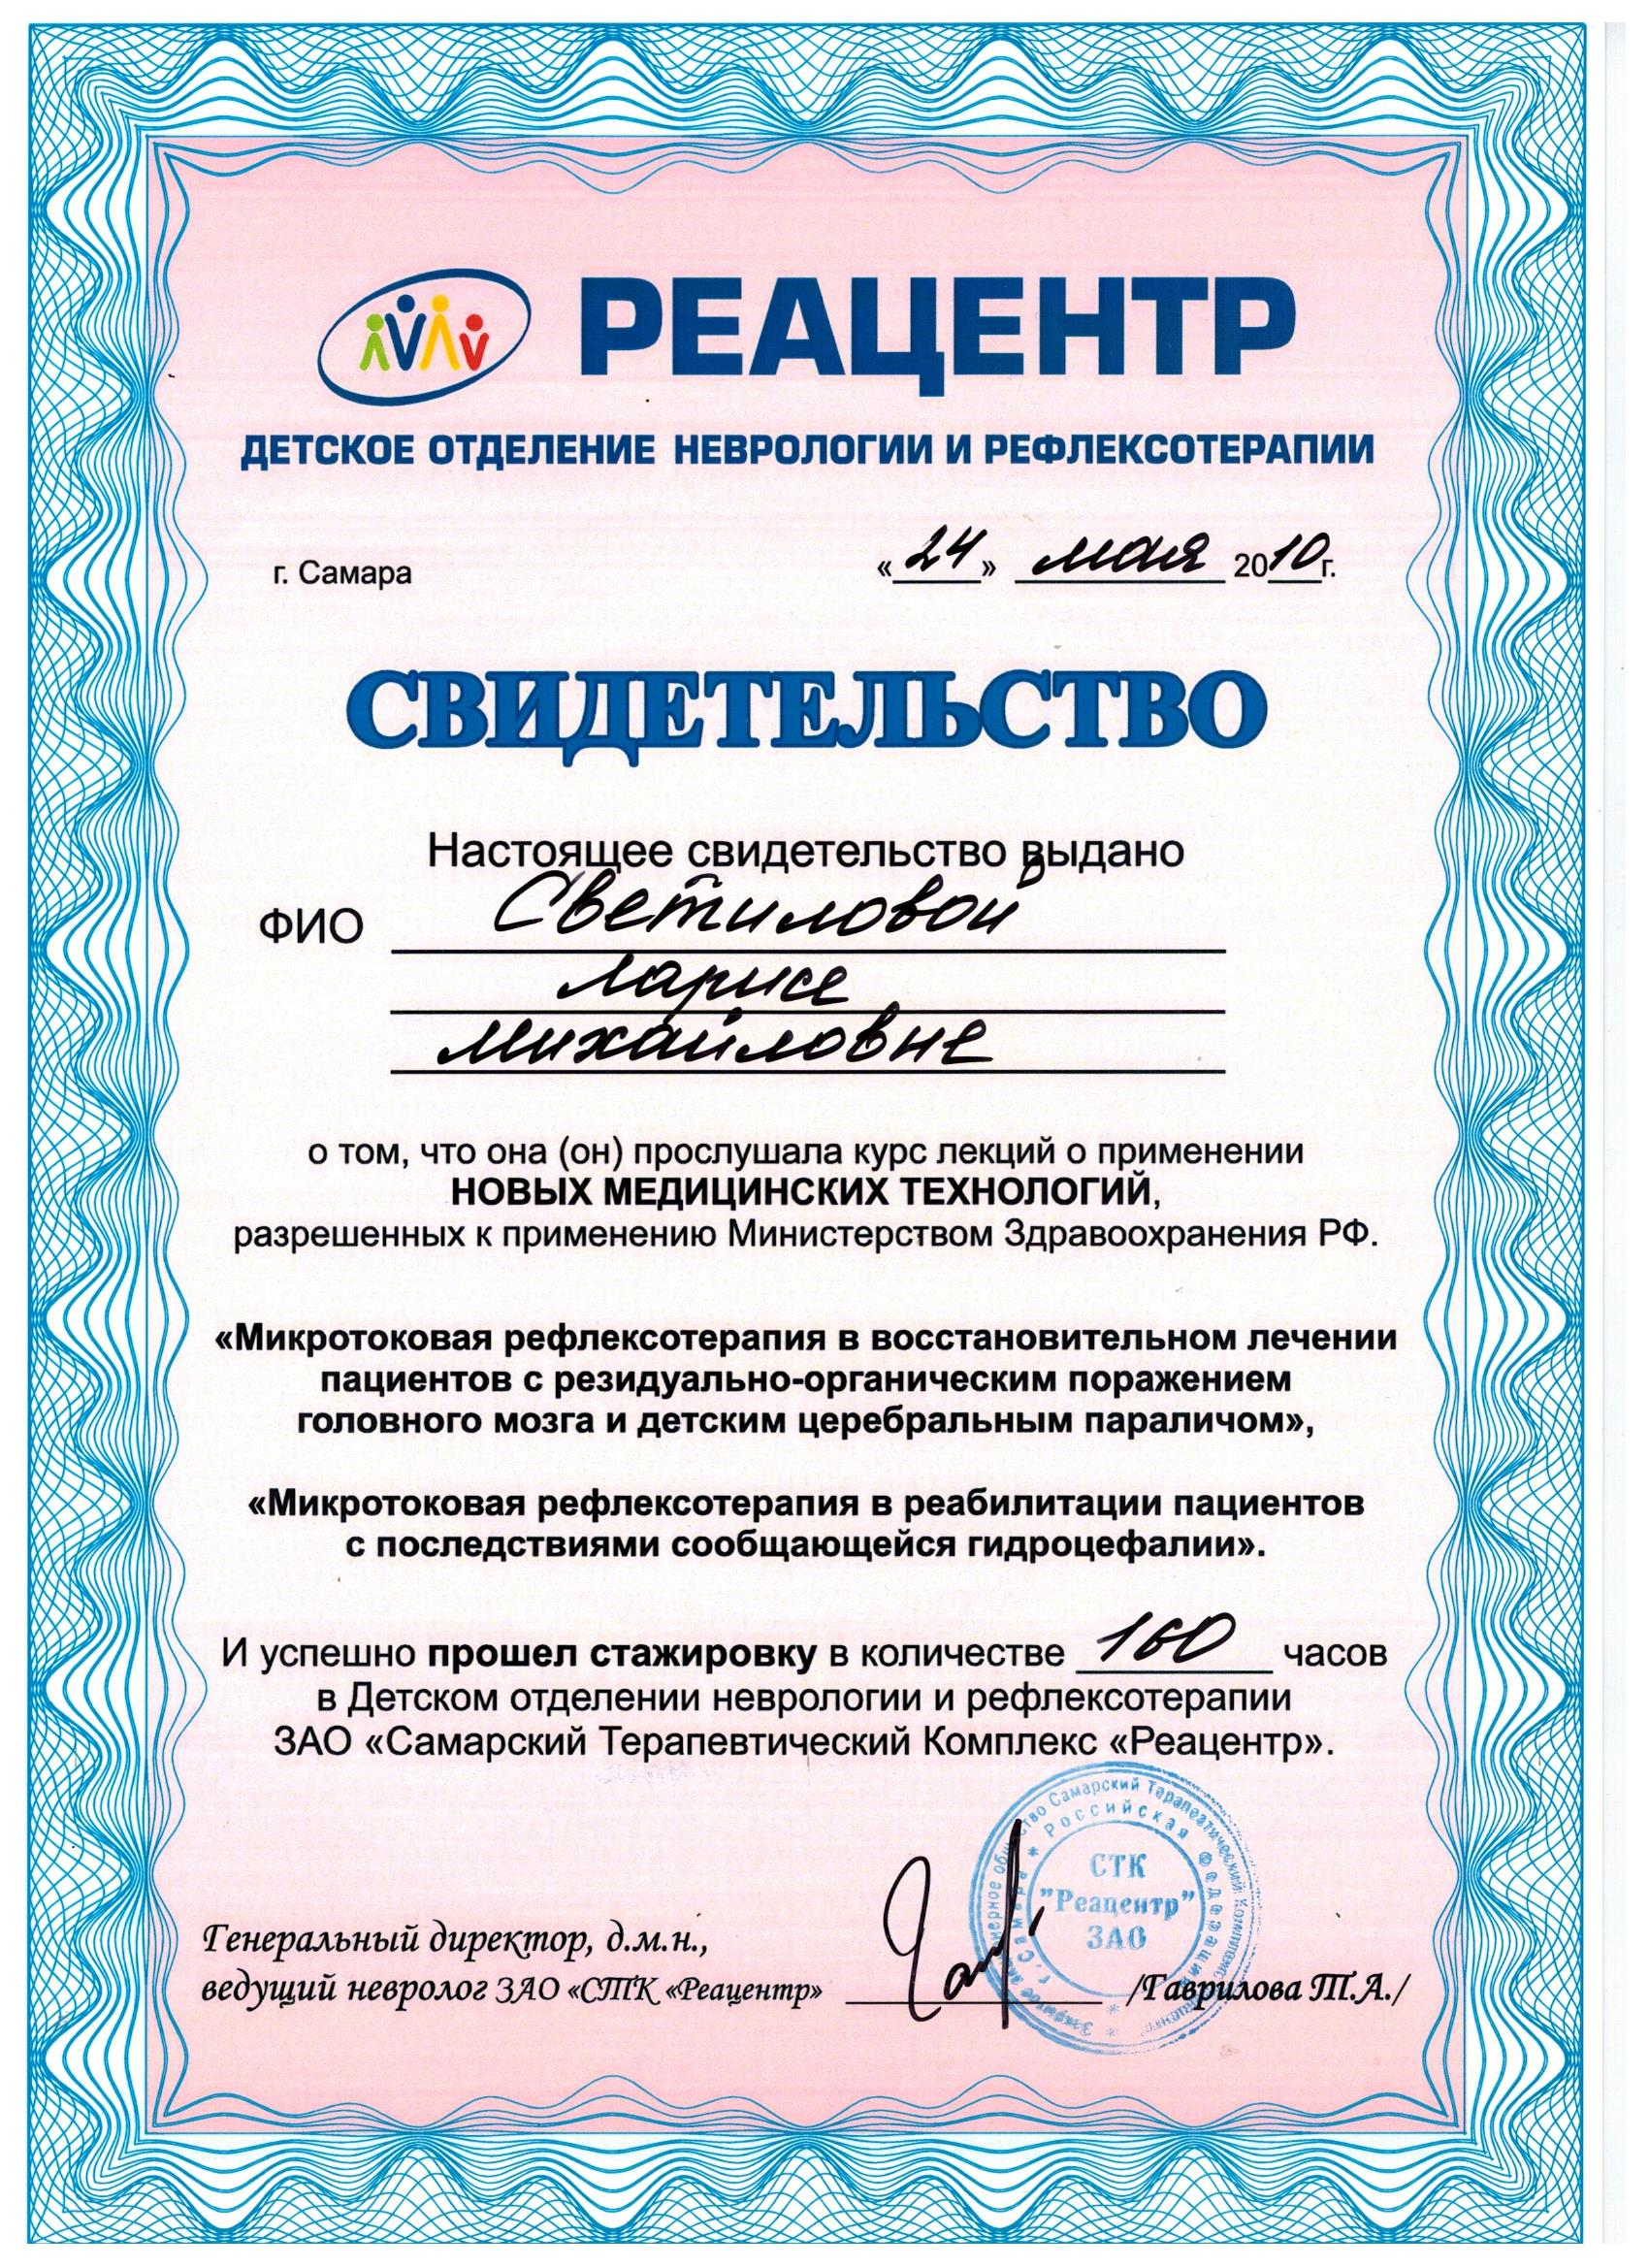 мед академия мечникова в санкт-петербурге официальный сайт